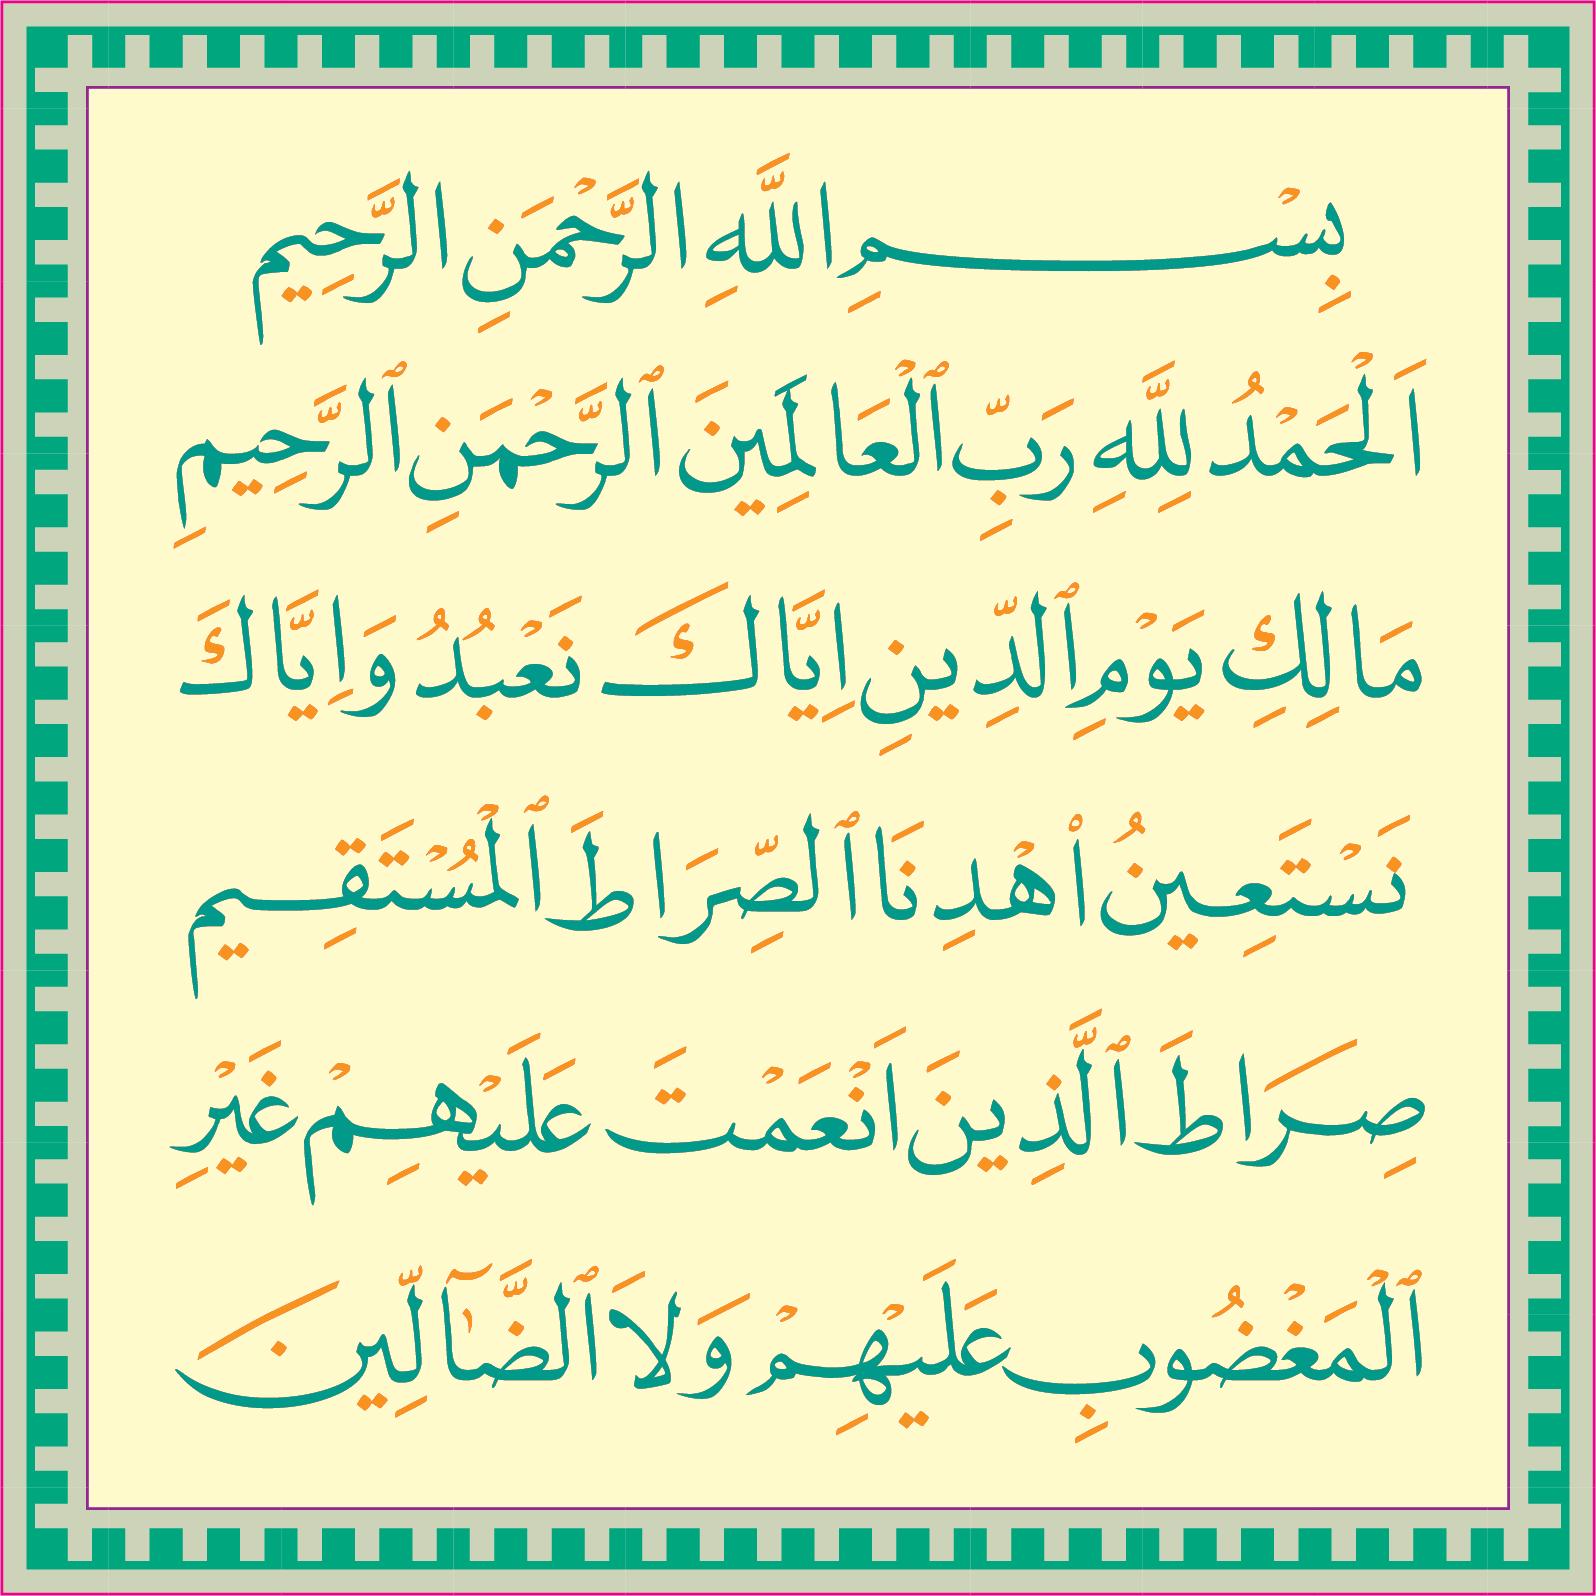 surah al fatihah quran vector color download free #islamic #islam #arab #logos #logo #arabic #vector #vectors  #Quran #logos #font #logo #design #fonts